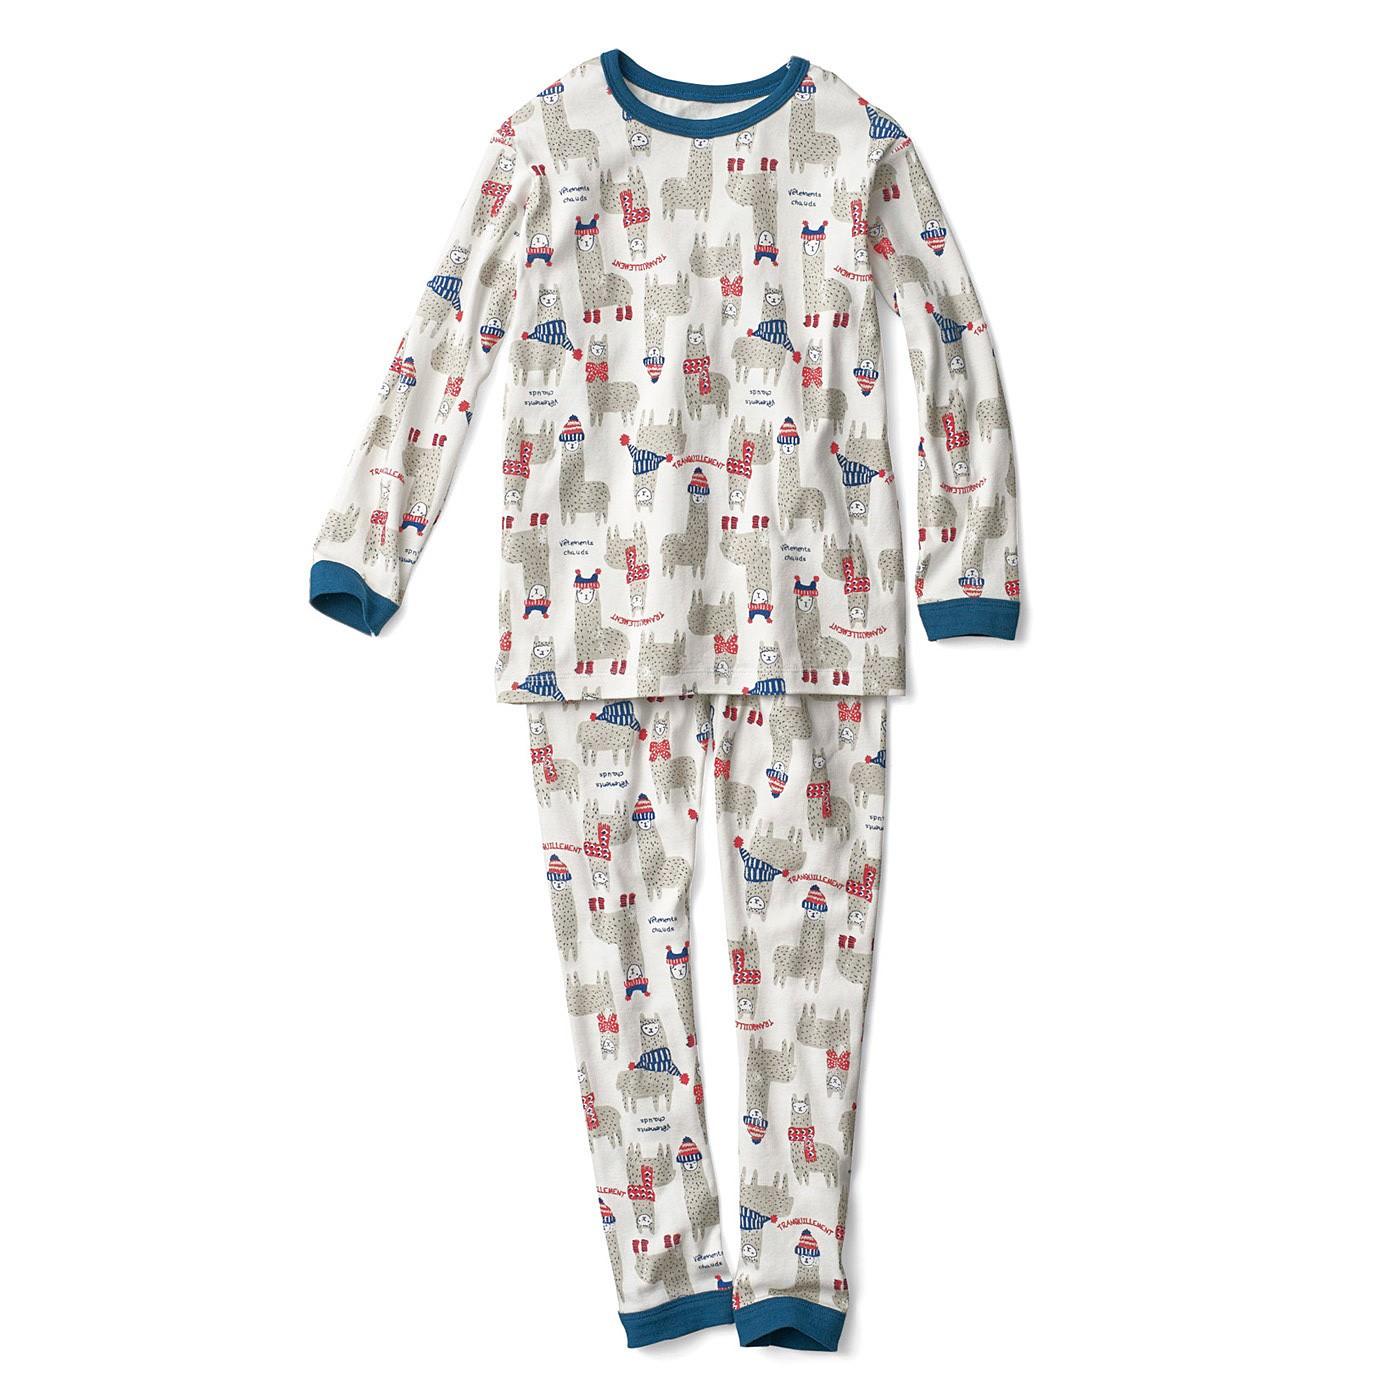 おなか出ないよ! はらまきドッキングイラストパジャマ〈ネイビー×ライトグレー〉